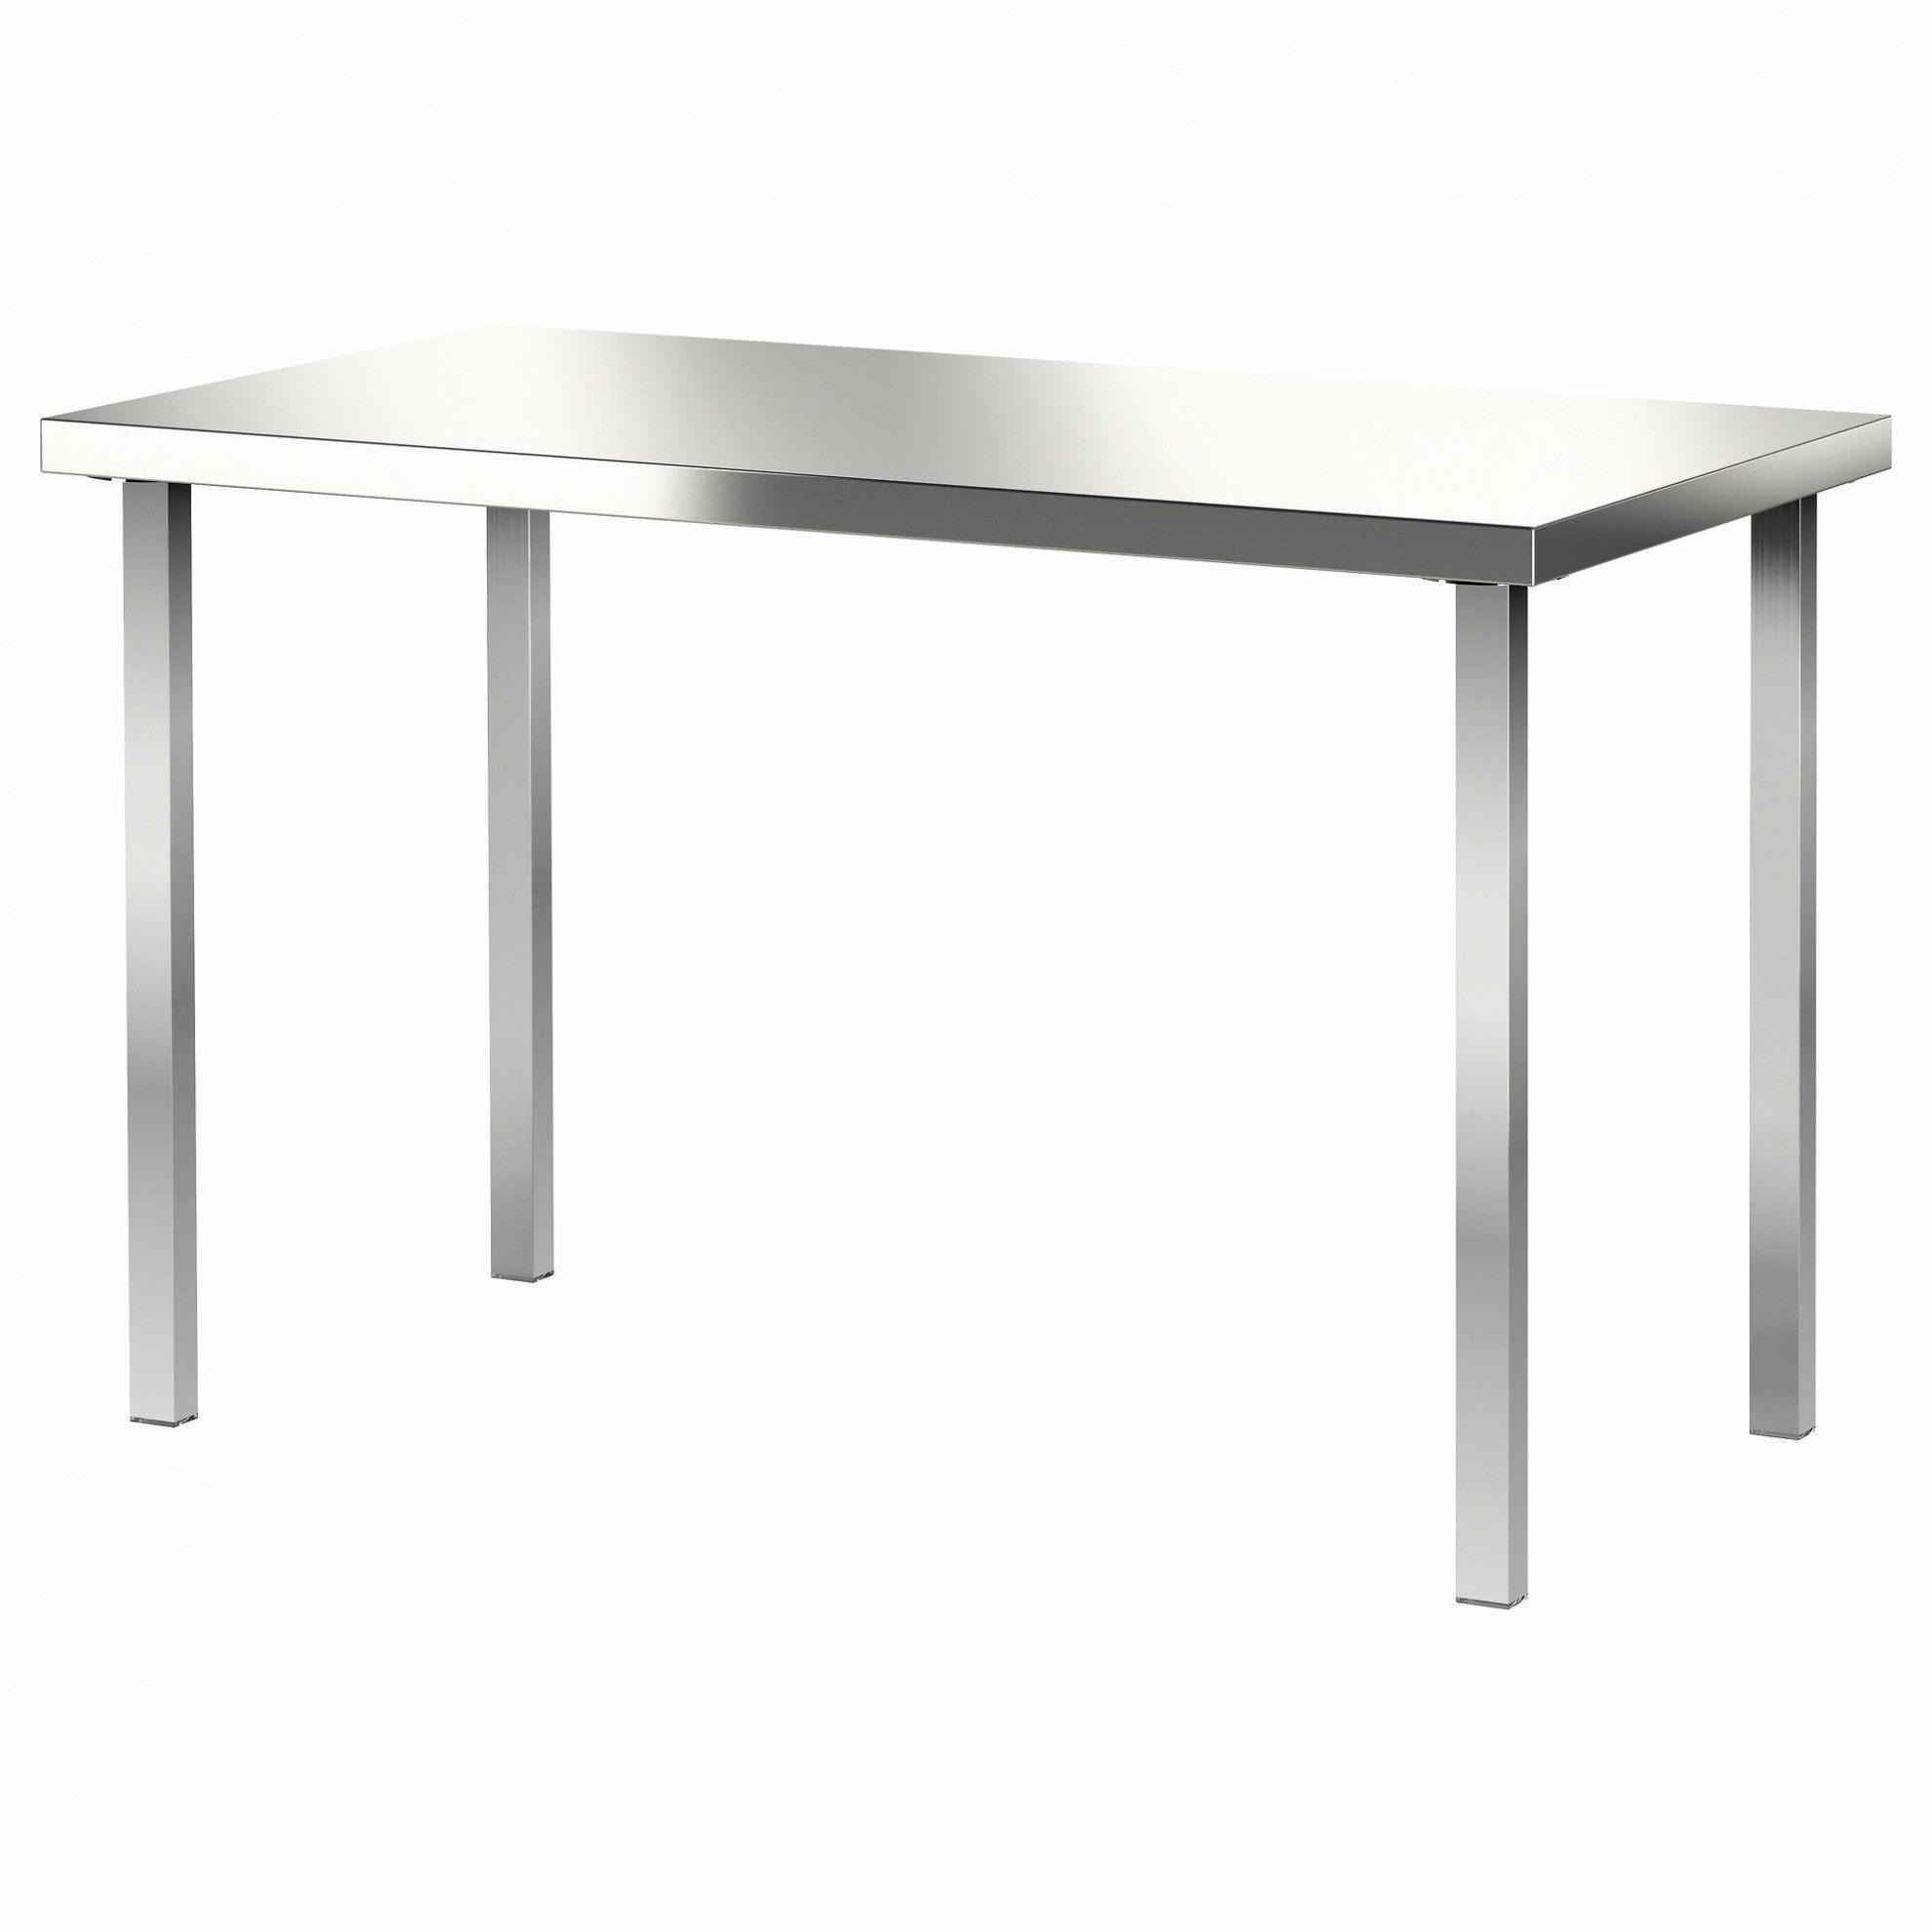 Lit Mezzanine Ado Inspiré Table Basse Ronde Scandinave De Luxe Charmant Bureau Rond Table